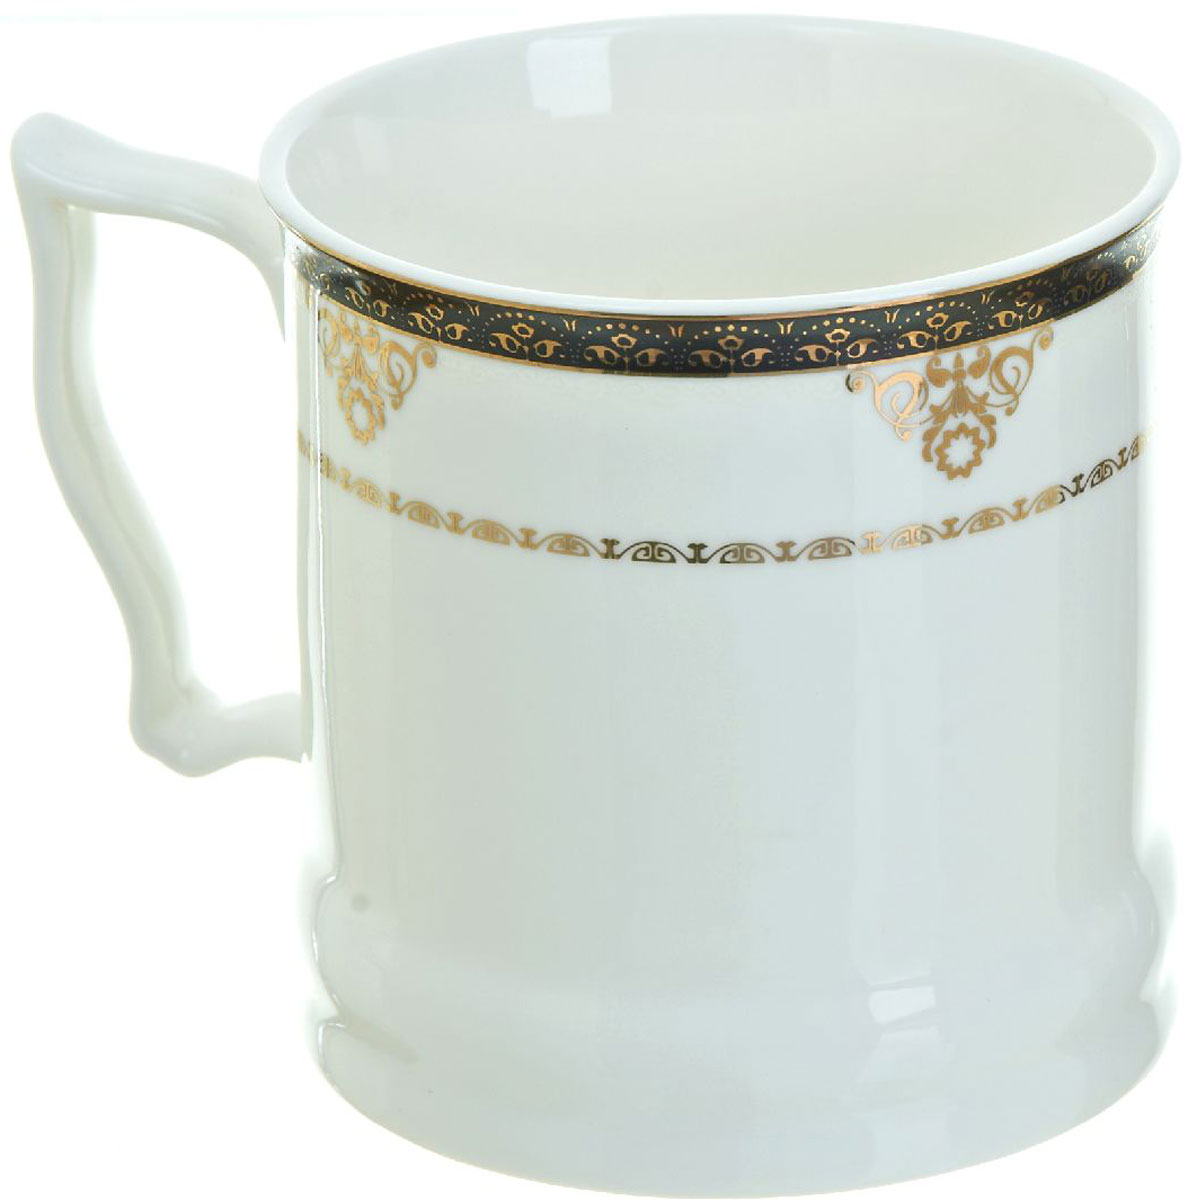 Кружка BHP Королевская кружка, 500 мл. 18700071870007Оригинальная кружка Best Home Porcelain, выполненная из высококачественного фарфора, сочетает в себе простой, утонченный дизайн с максимальной функциональностью. Можно использовать в посудомоечной машине.